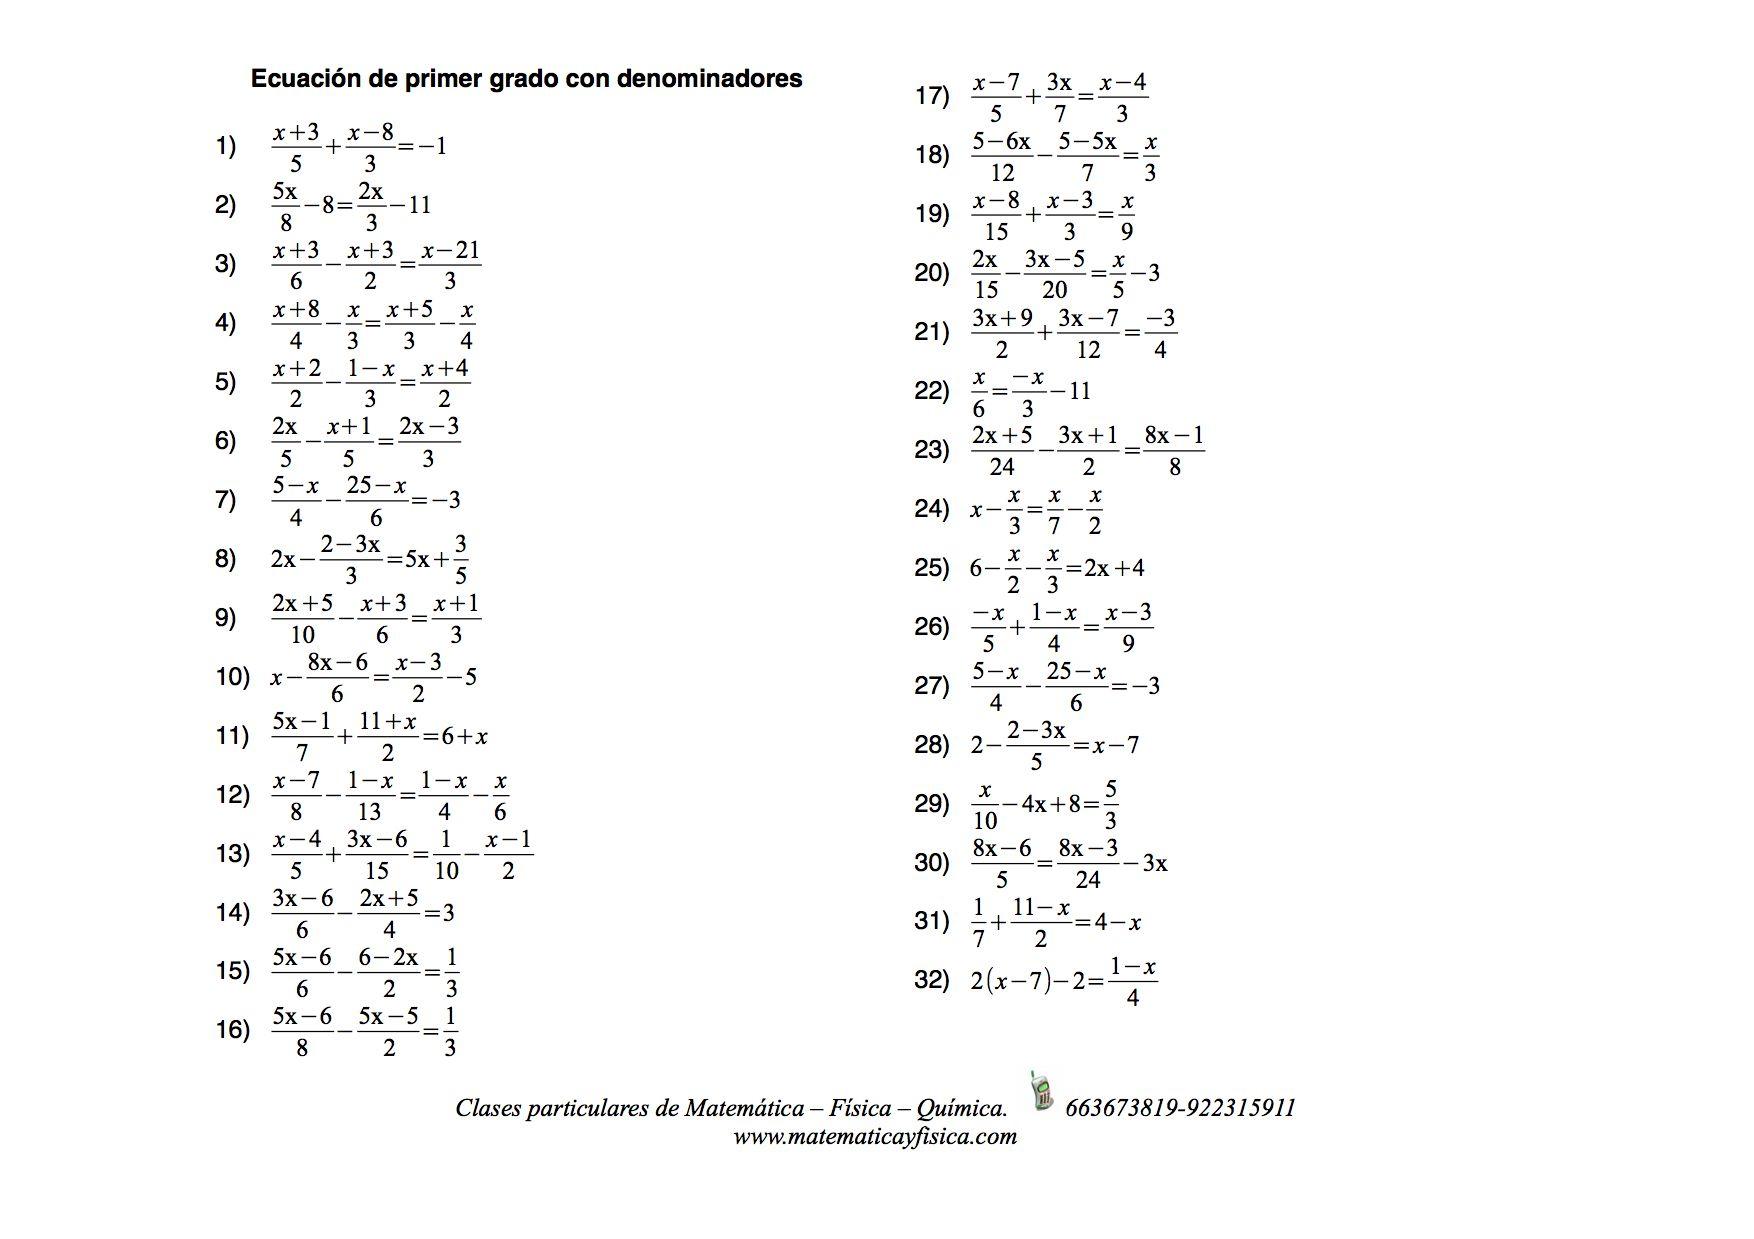 Ejercicios Propuestos De Ecuaciones De Primer Grado Con Denominadores 9th Grade Math Math Worksheets Worksheets